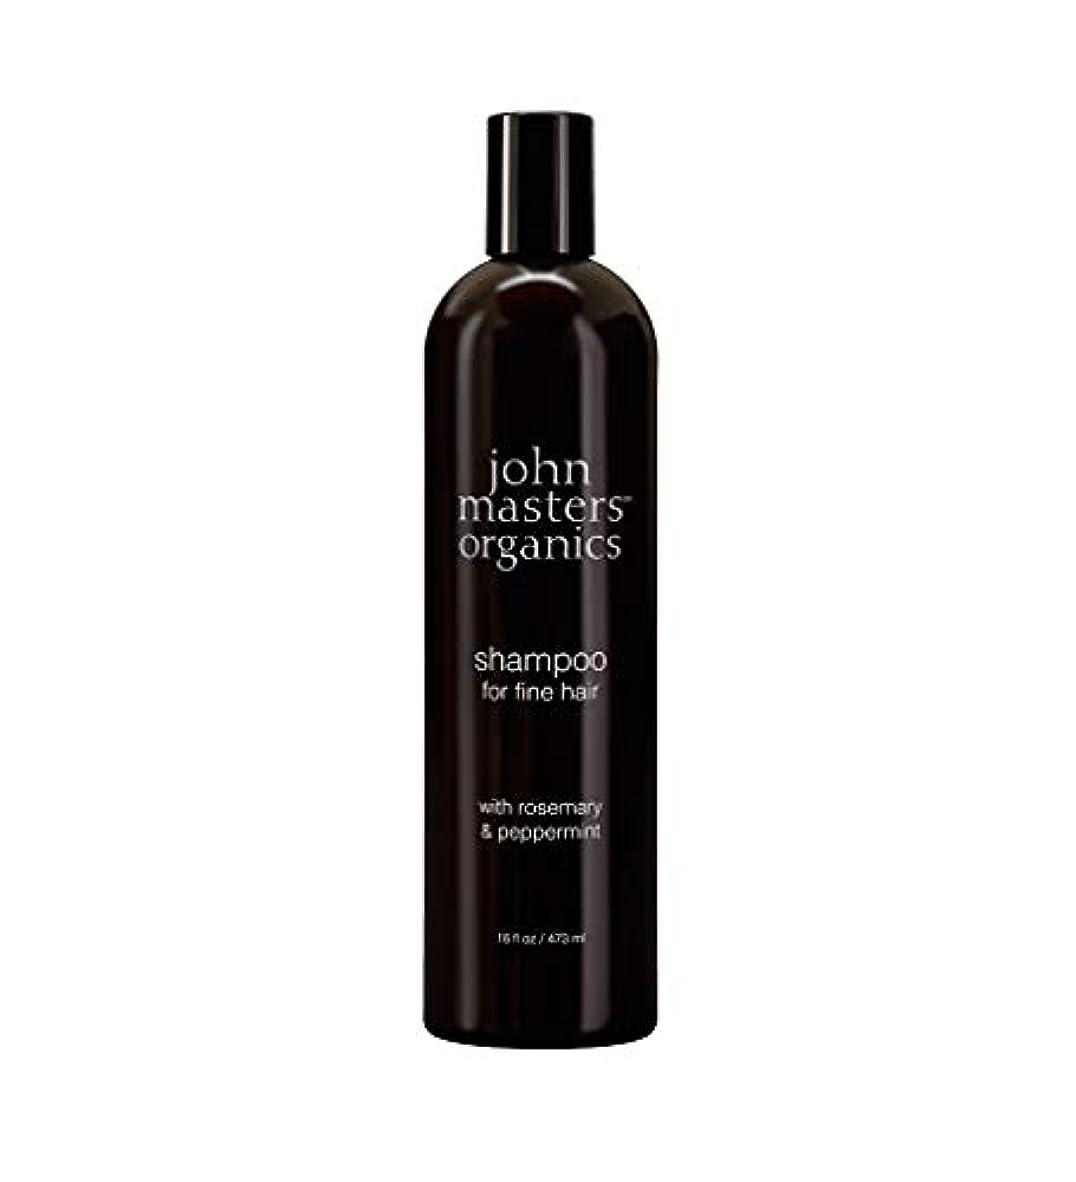 責め検出可能蛾ジョンマスターオーガニック(john masters organics) R&Pシャンプ-N(ローズマリー&ペパーミント)236mL シャンプー